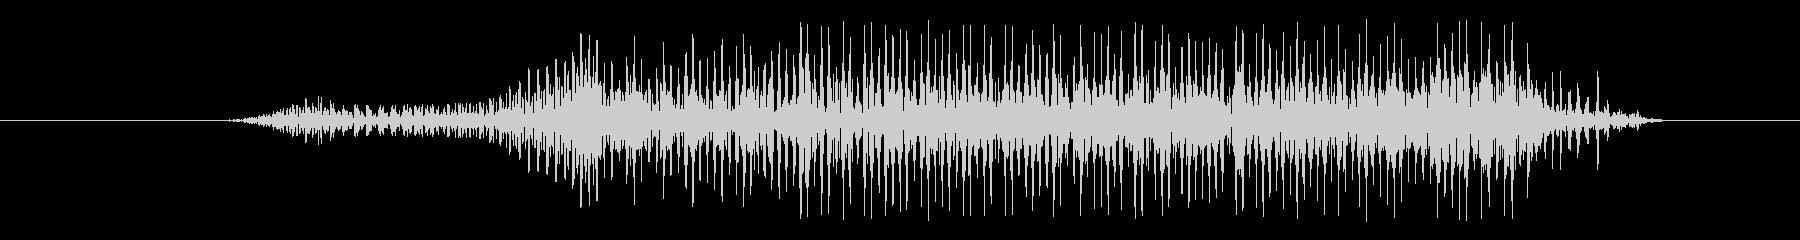 雪男 シャウトショートペイン06の未再生の波形